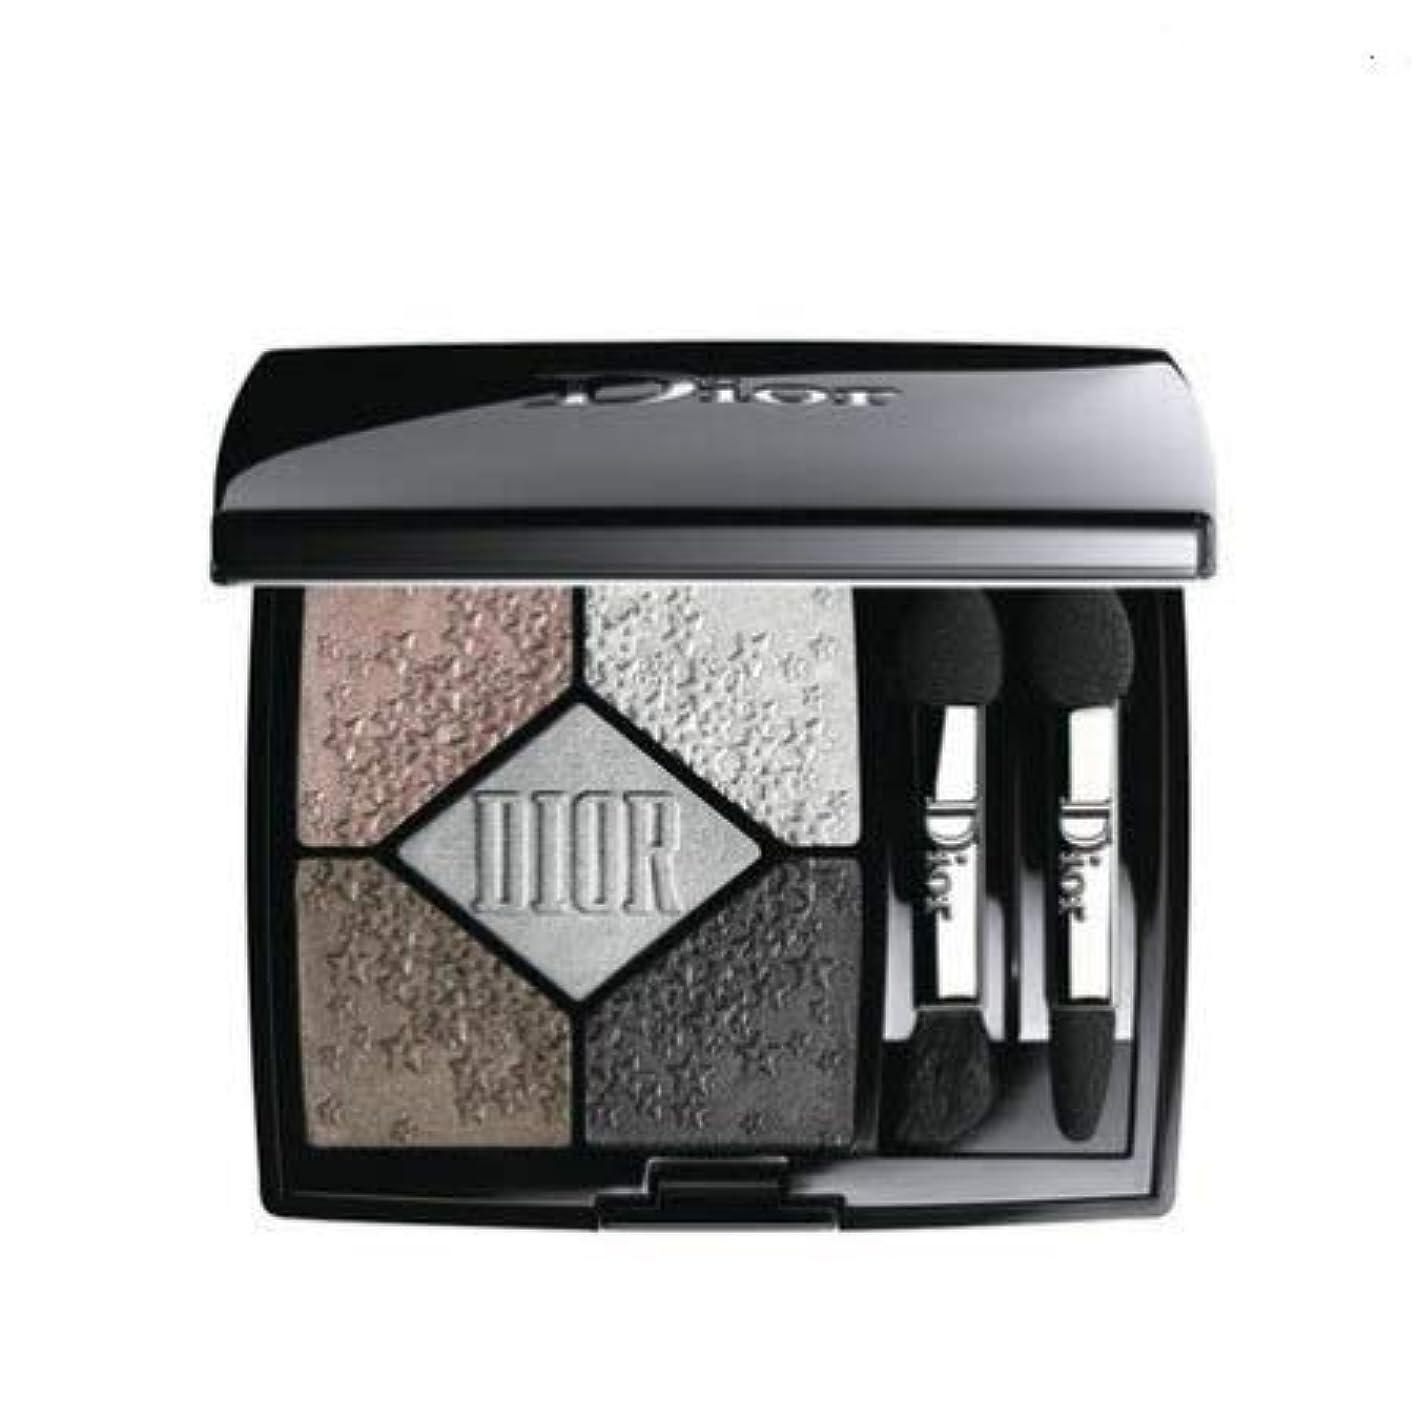 ライセンスシミュレートする位置するディオール サンク クルール #057 ムーンライト 限定色 -Dior-